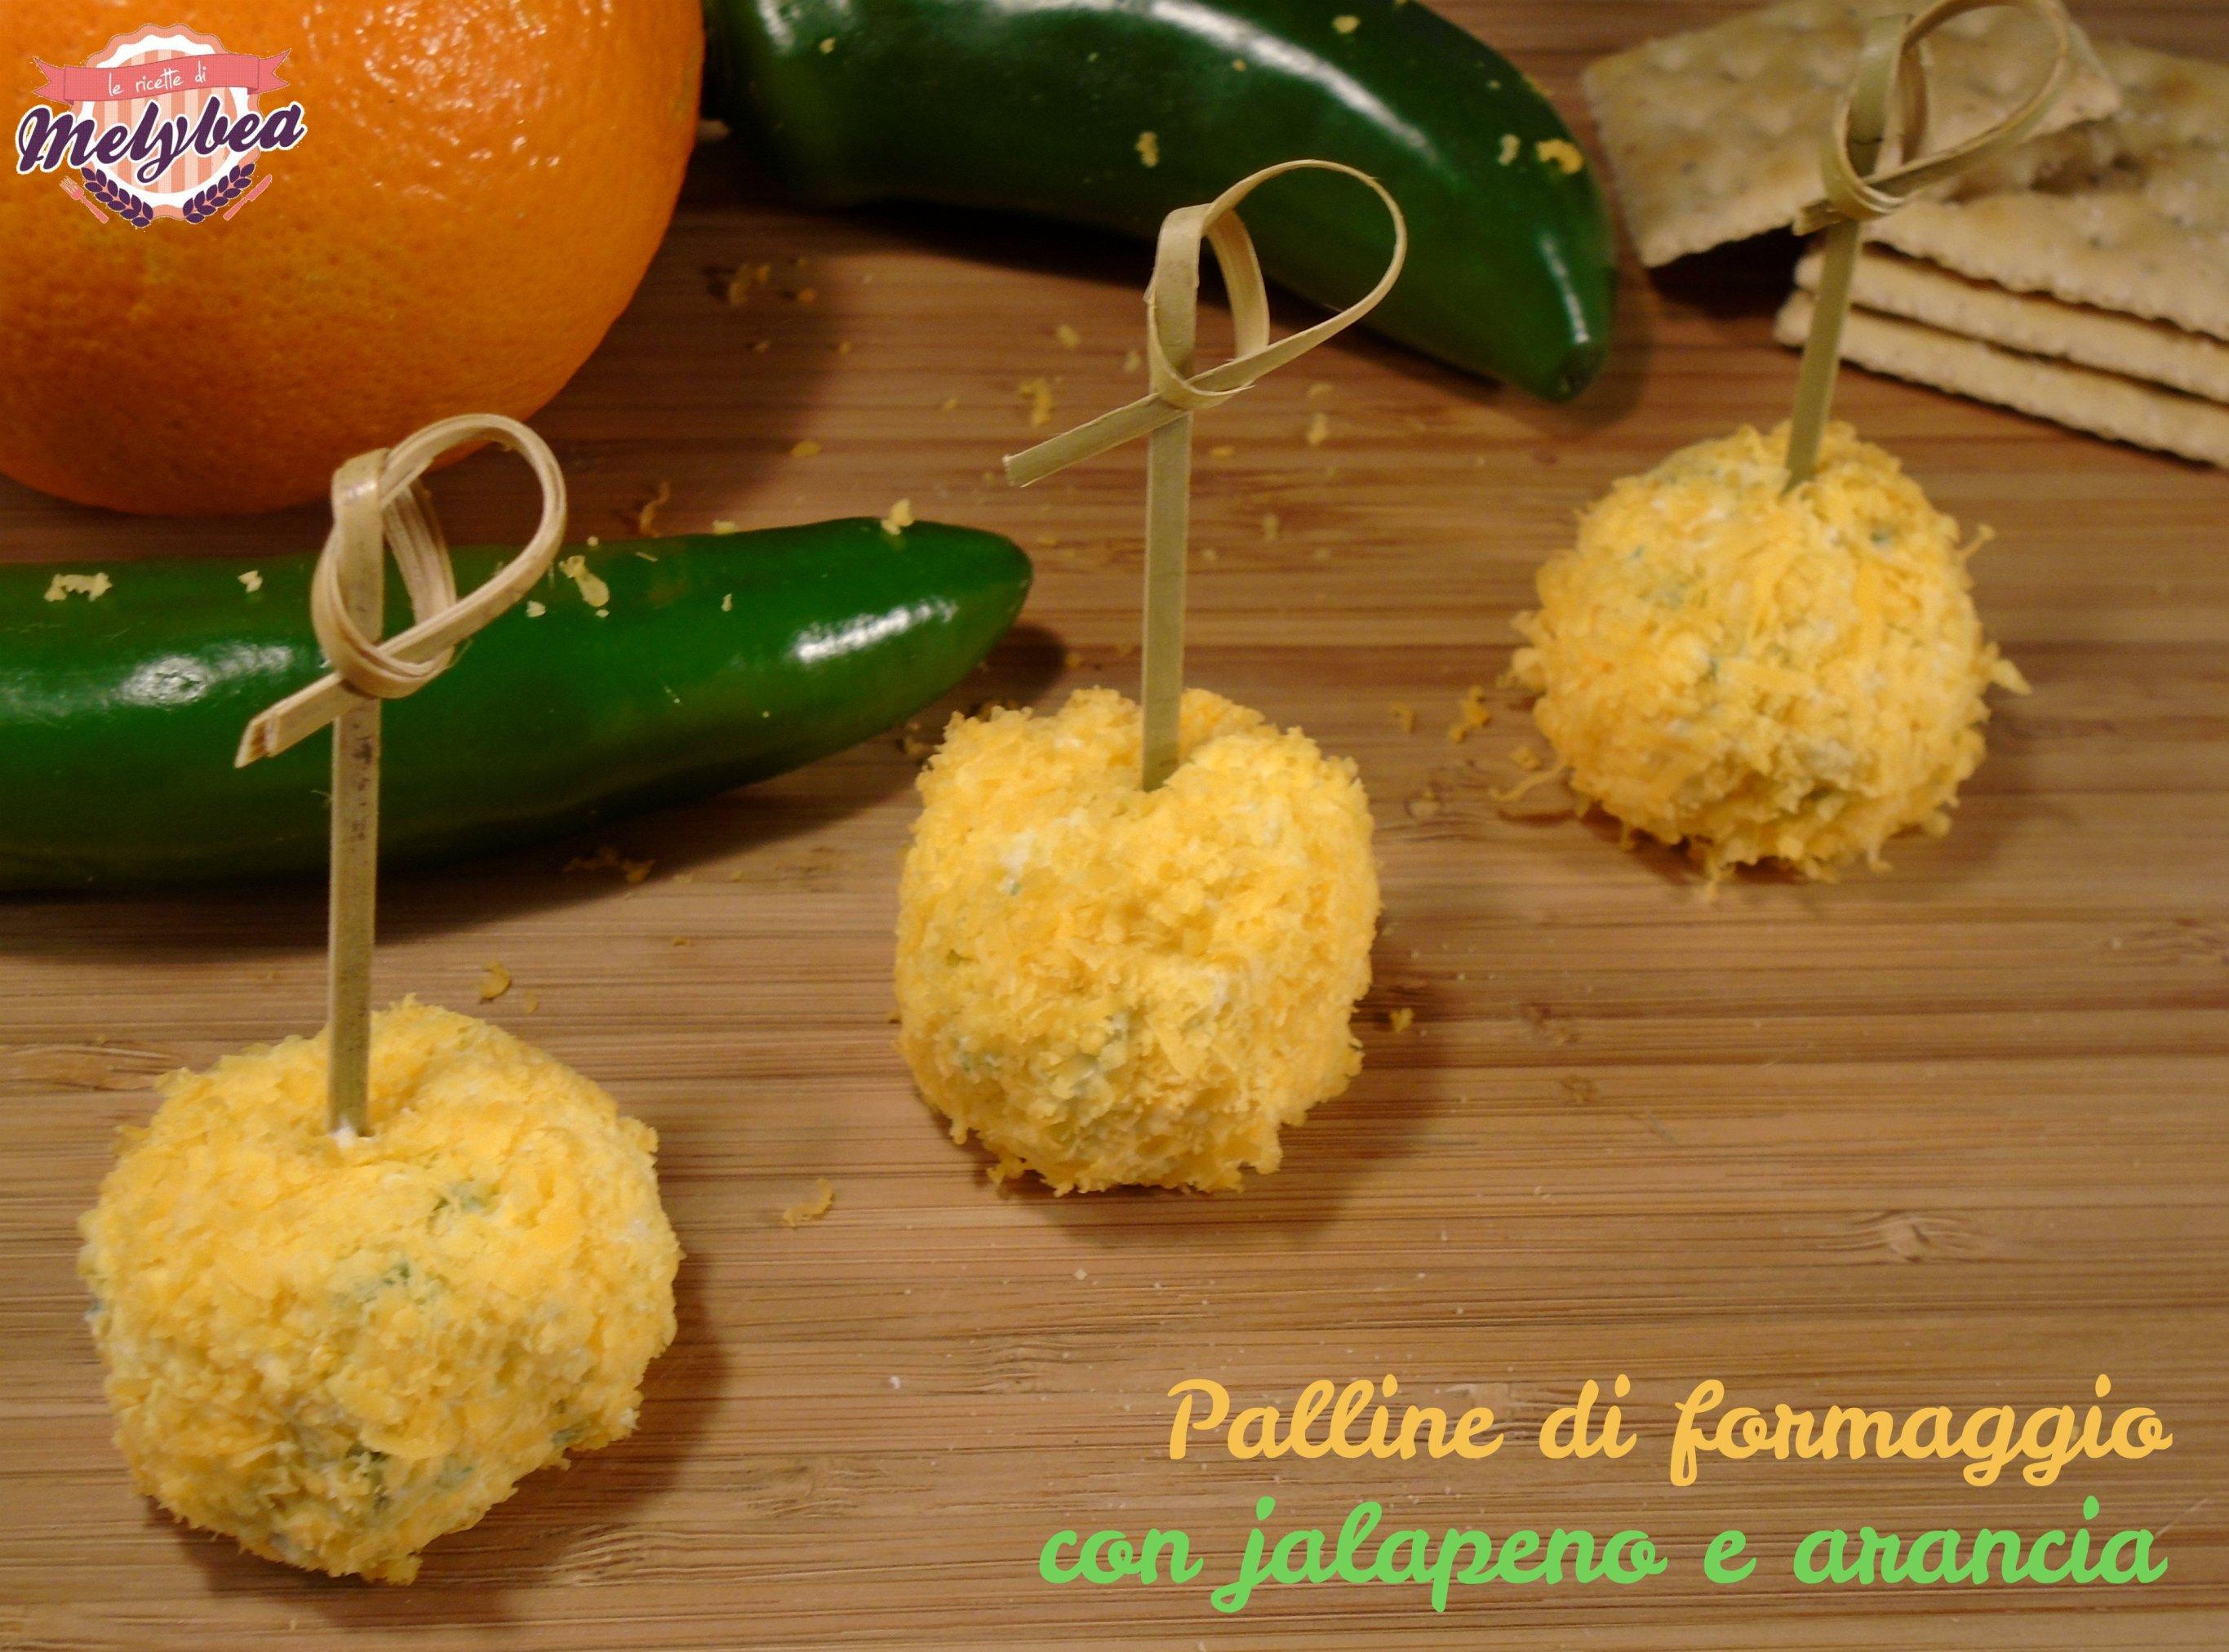 Palline di formaggio con jalapeno e arancia le ricette for Cucinare jalapeno